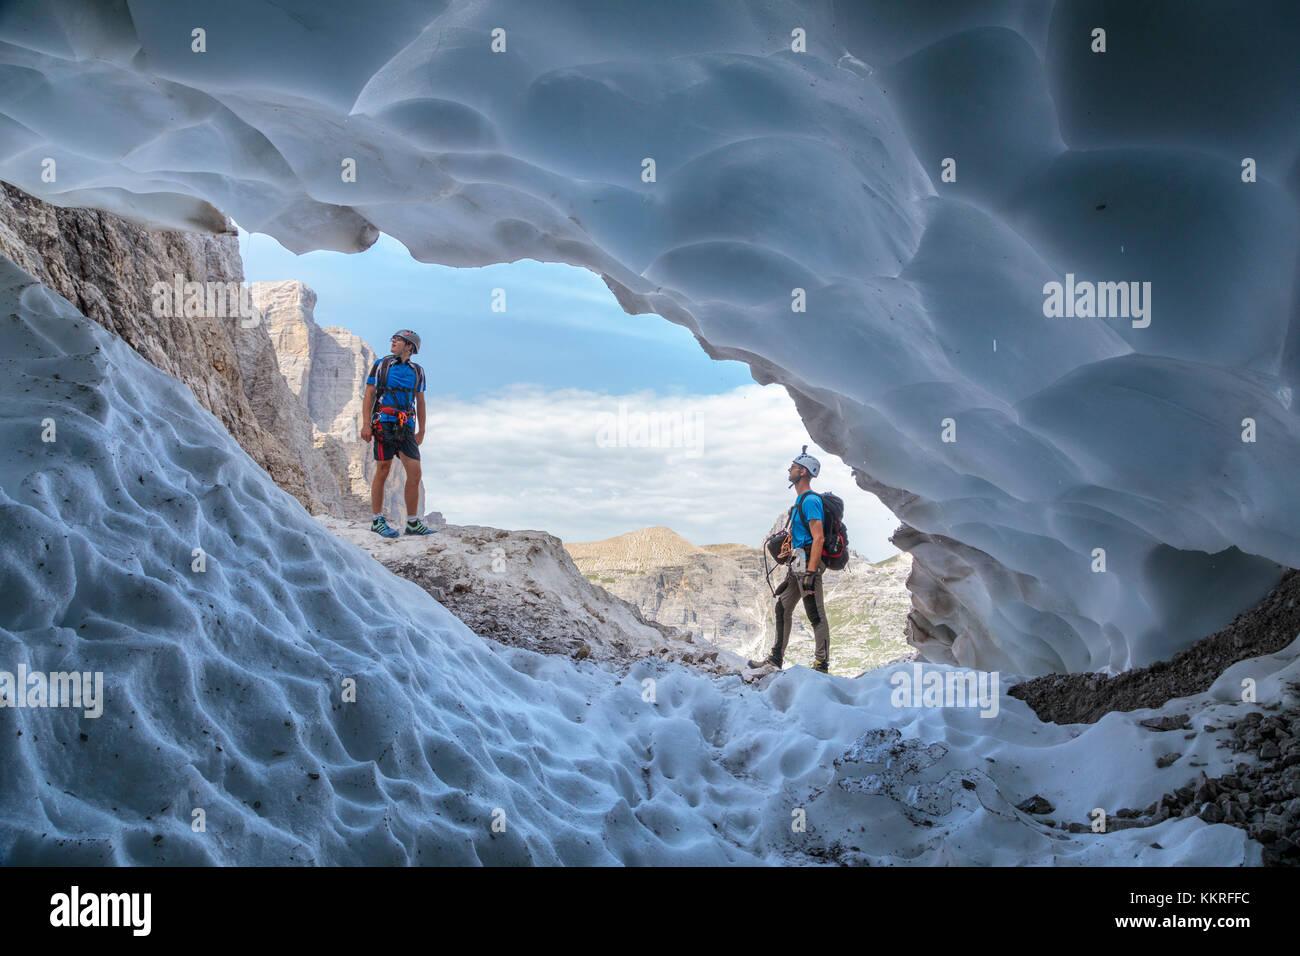 Italia, el Tirol del sur, hochpustertal sexten, cueva de nieve en la temporada de verano a lo largo de la alpinisteig Foto de stock